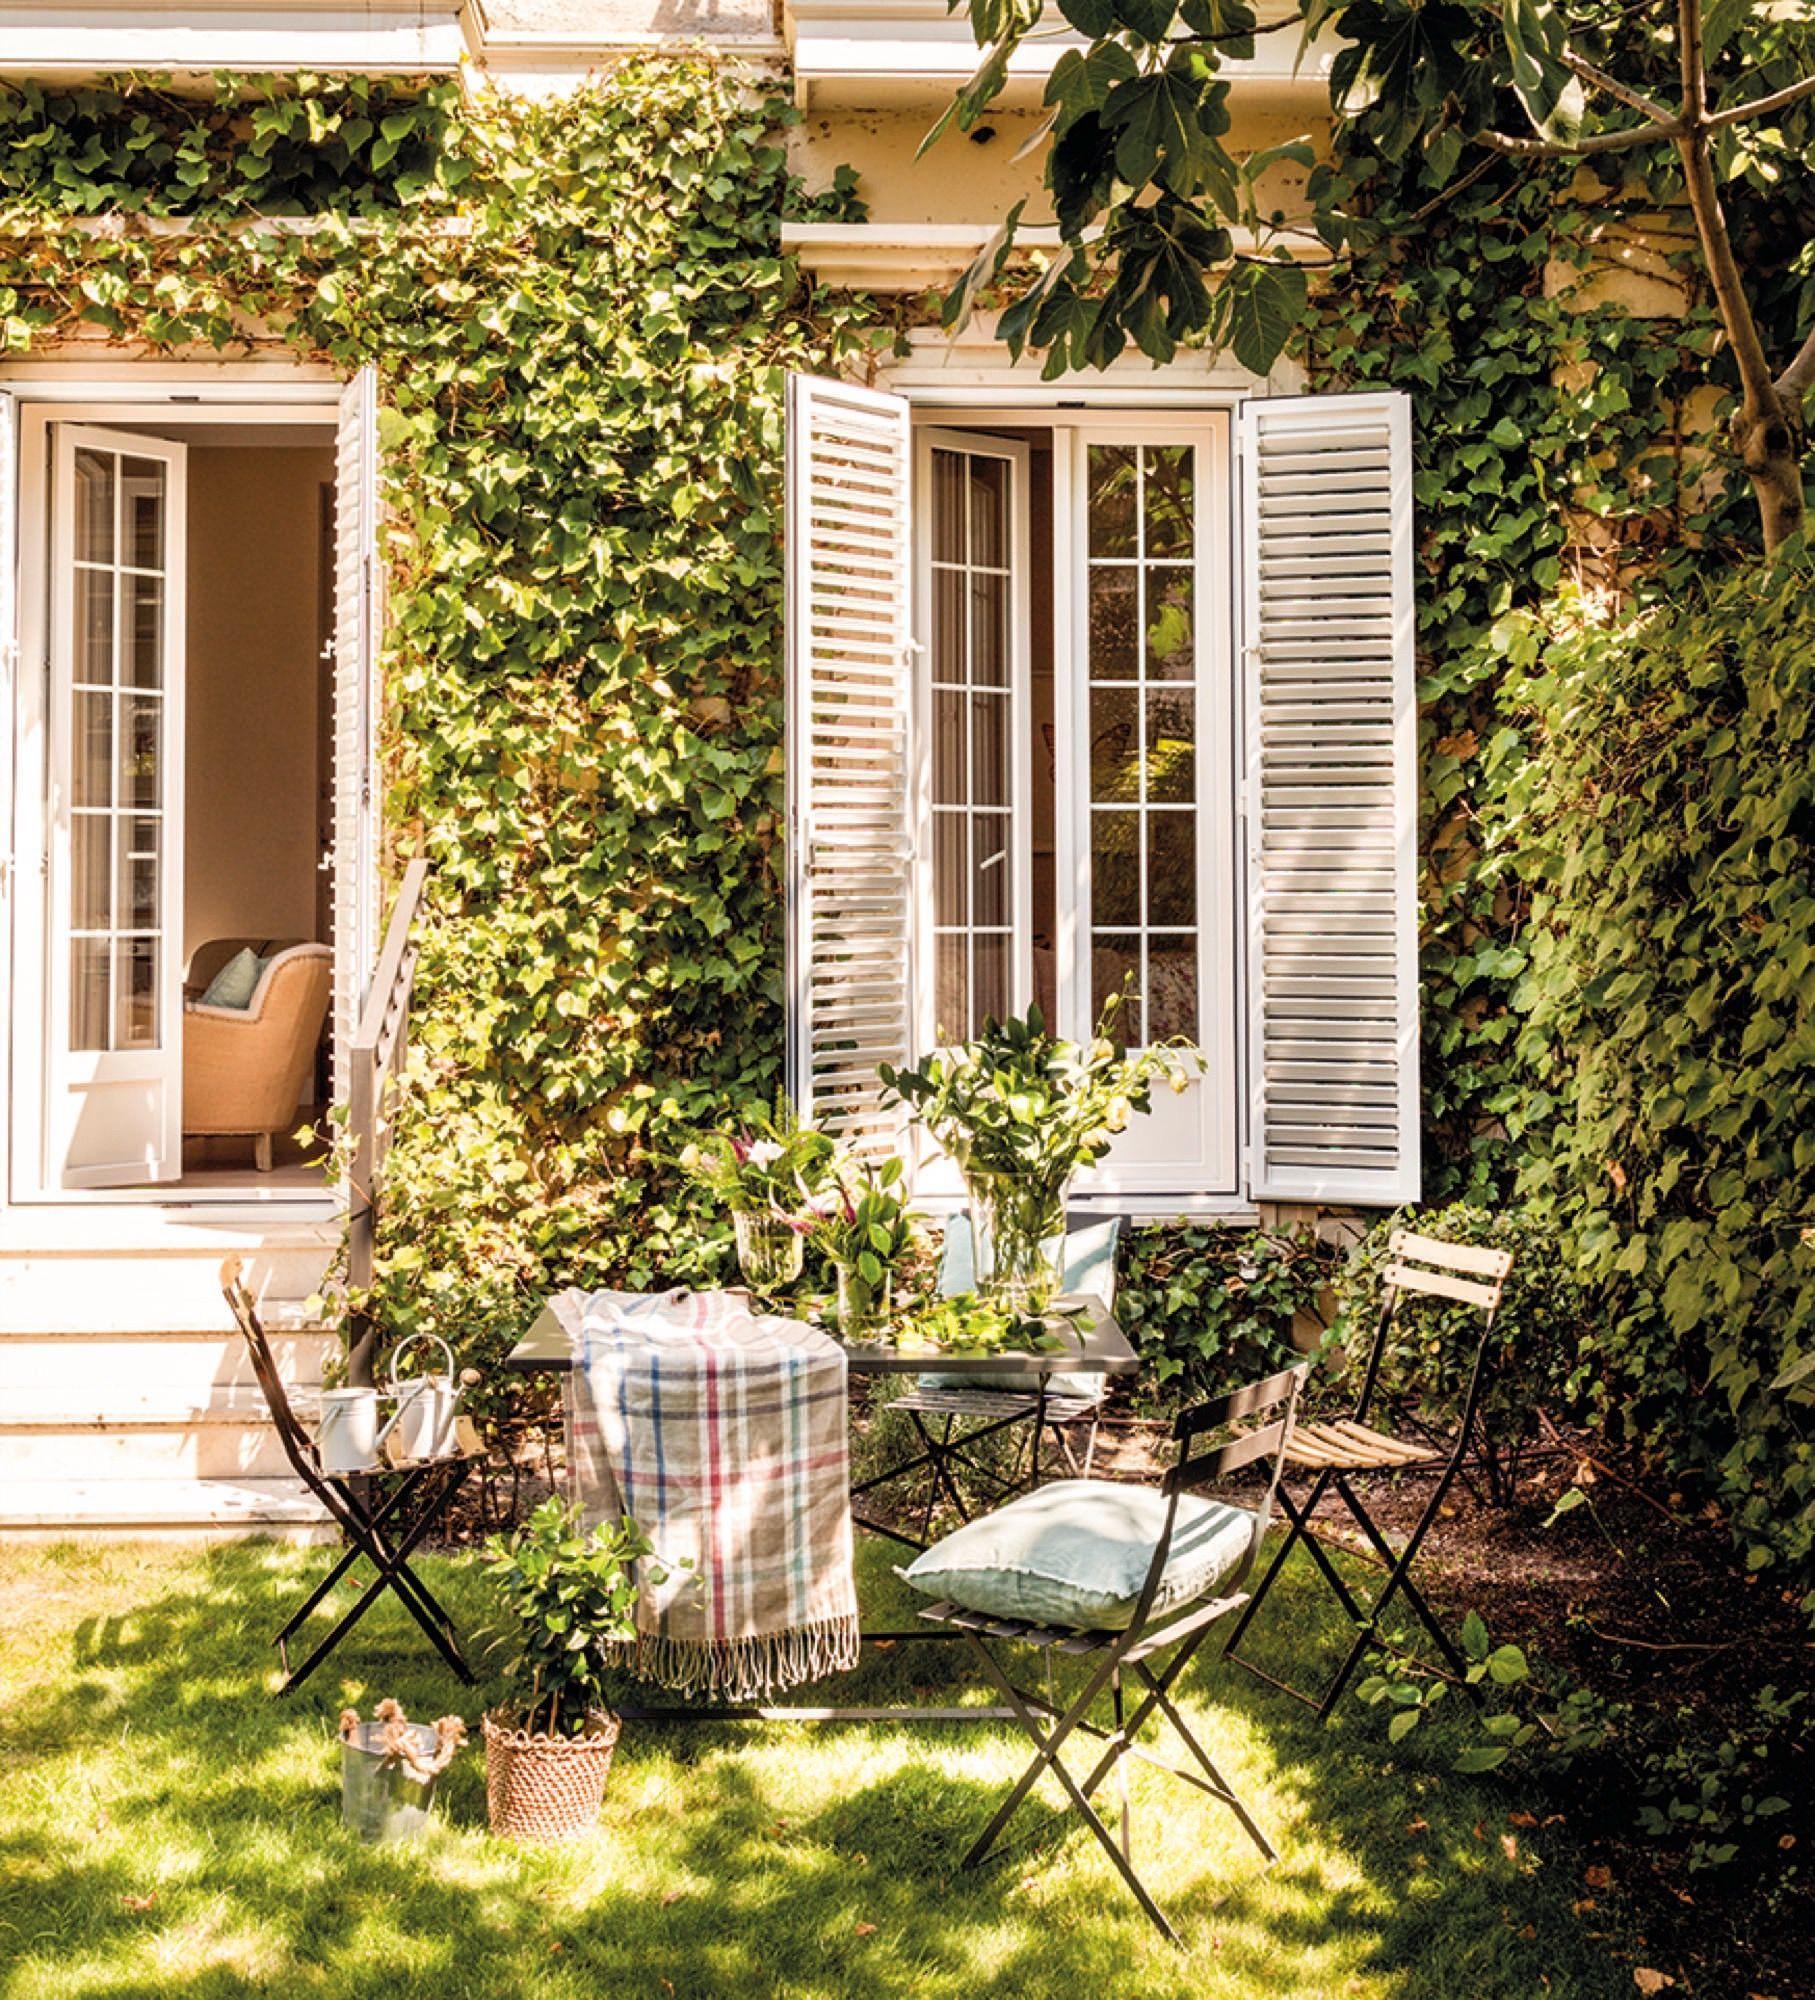 Pin di Voldie su House Interiors, Gardens & Architecture